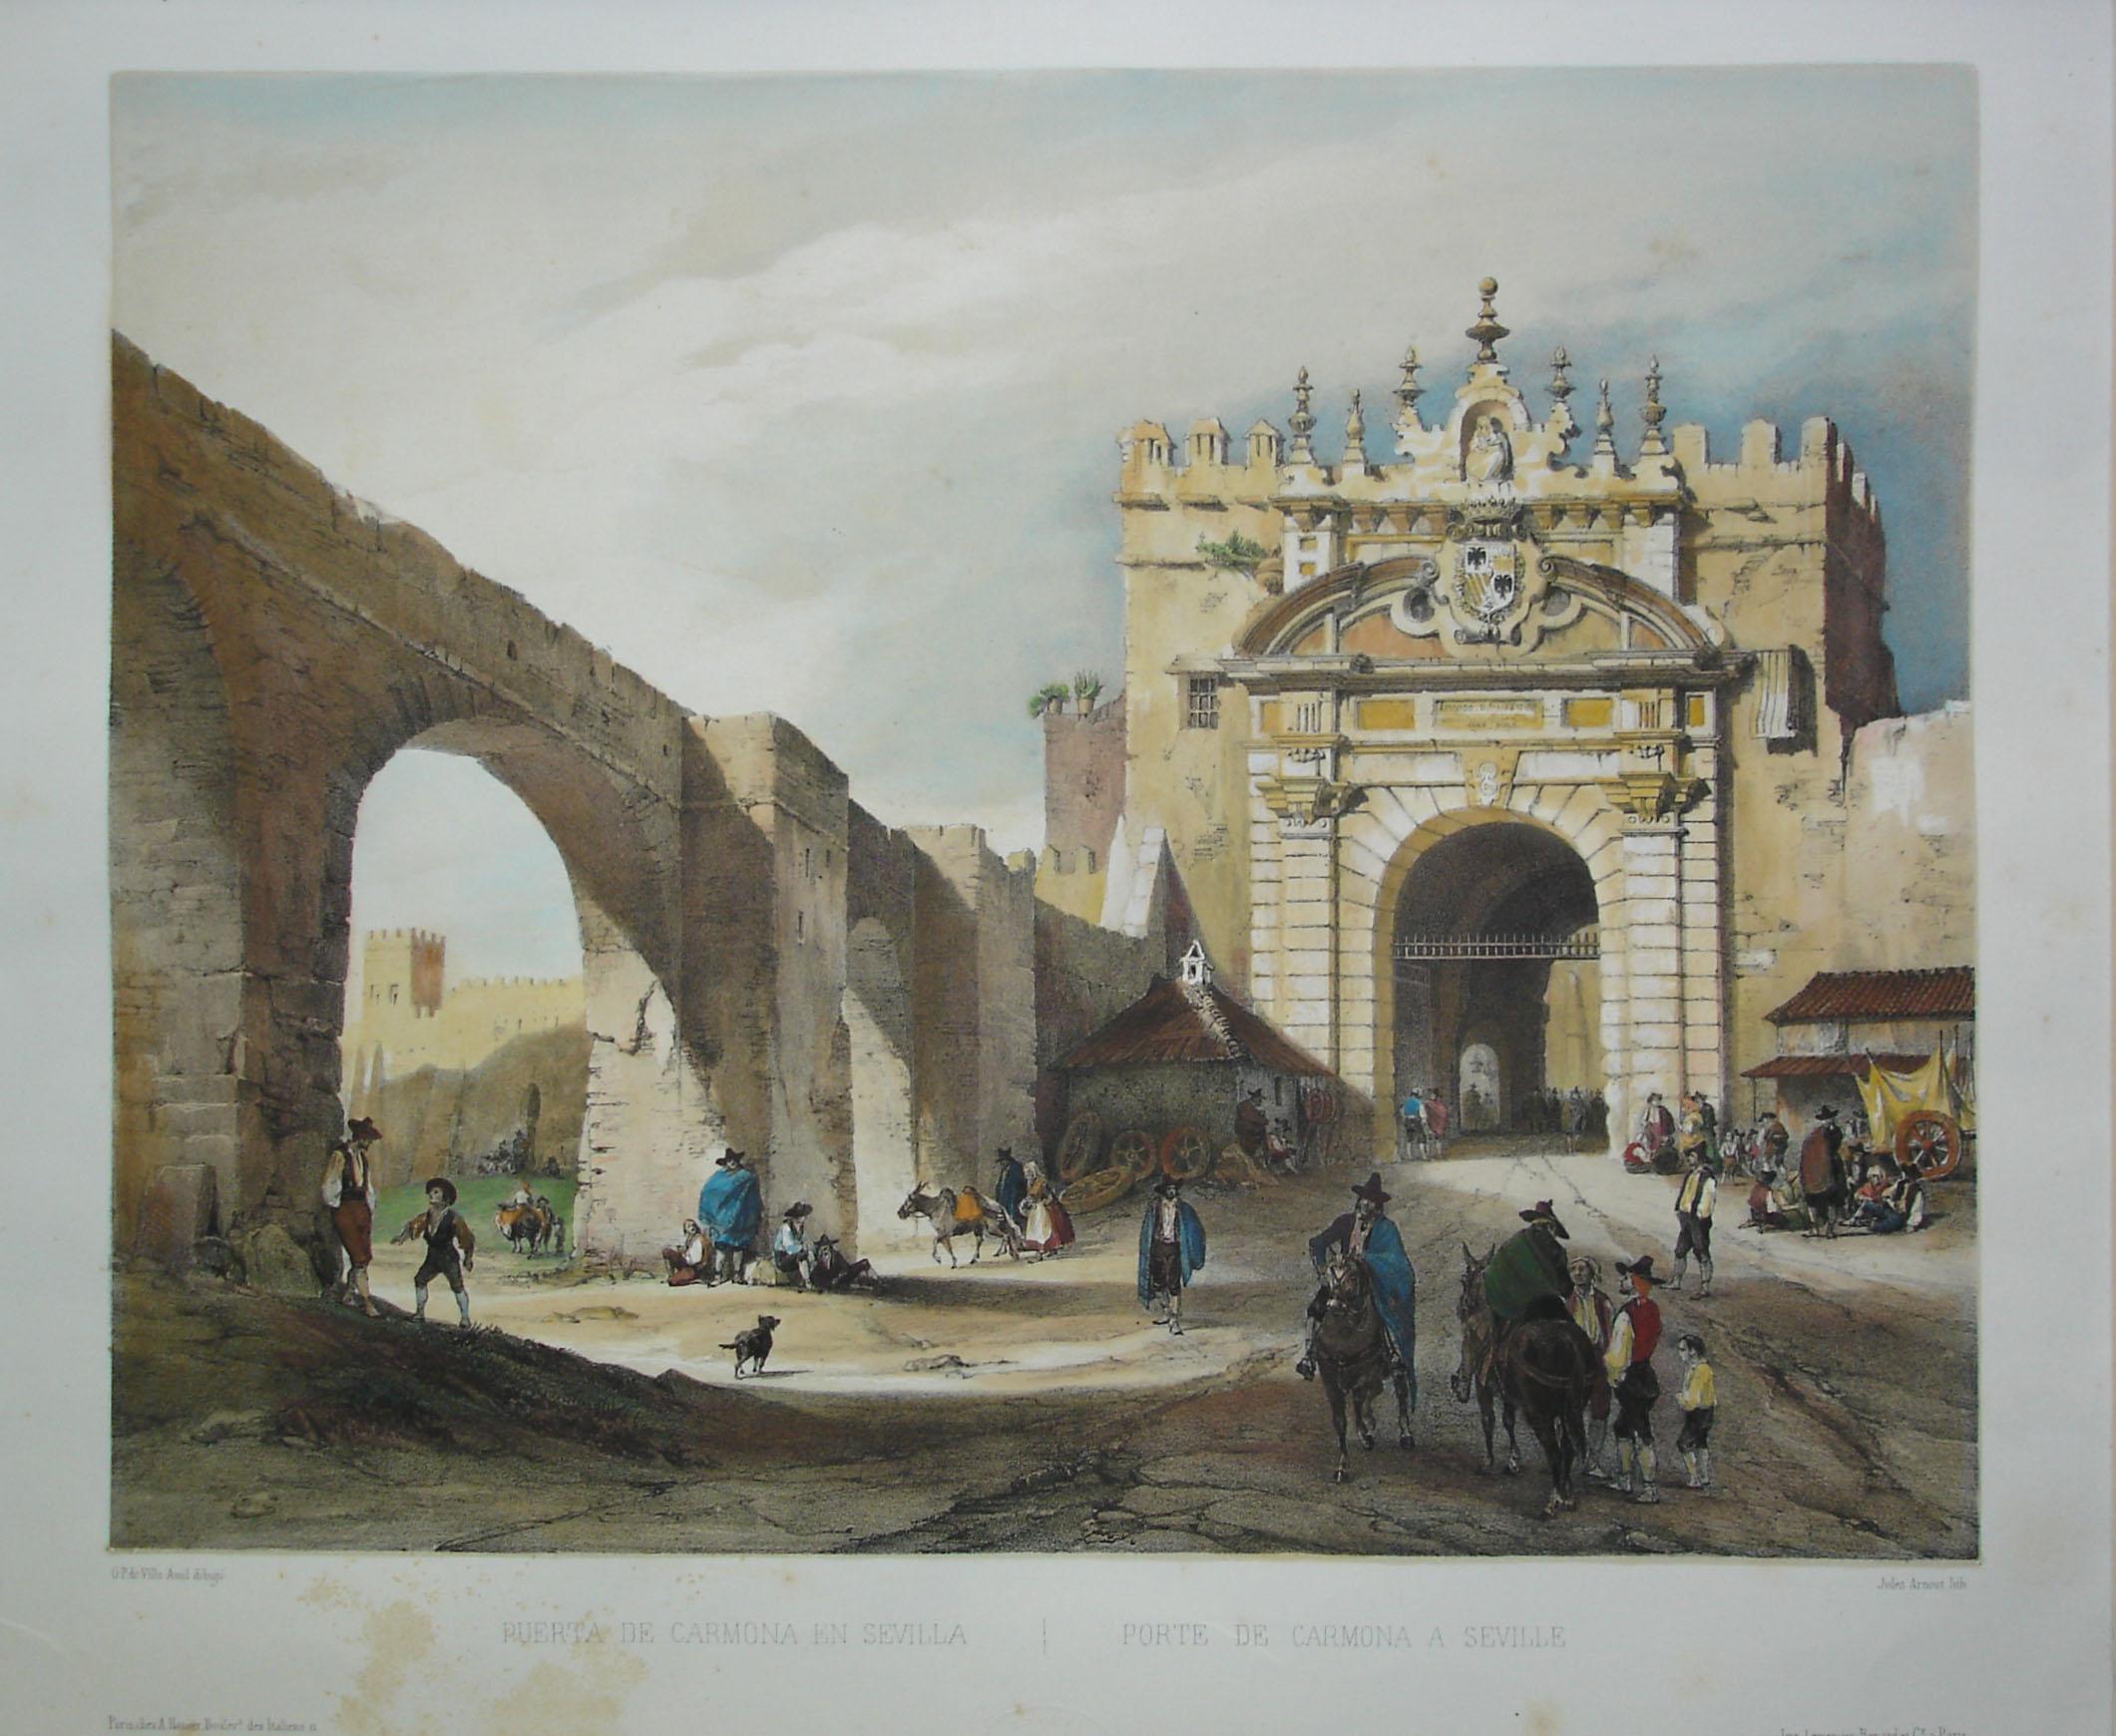 Vista de la puerta de carmona del siglo xix sevilla - Puerta de sevilla carmona ...